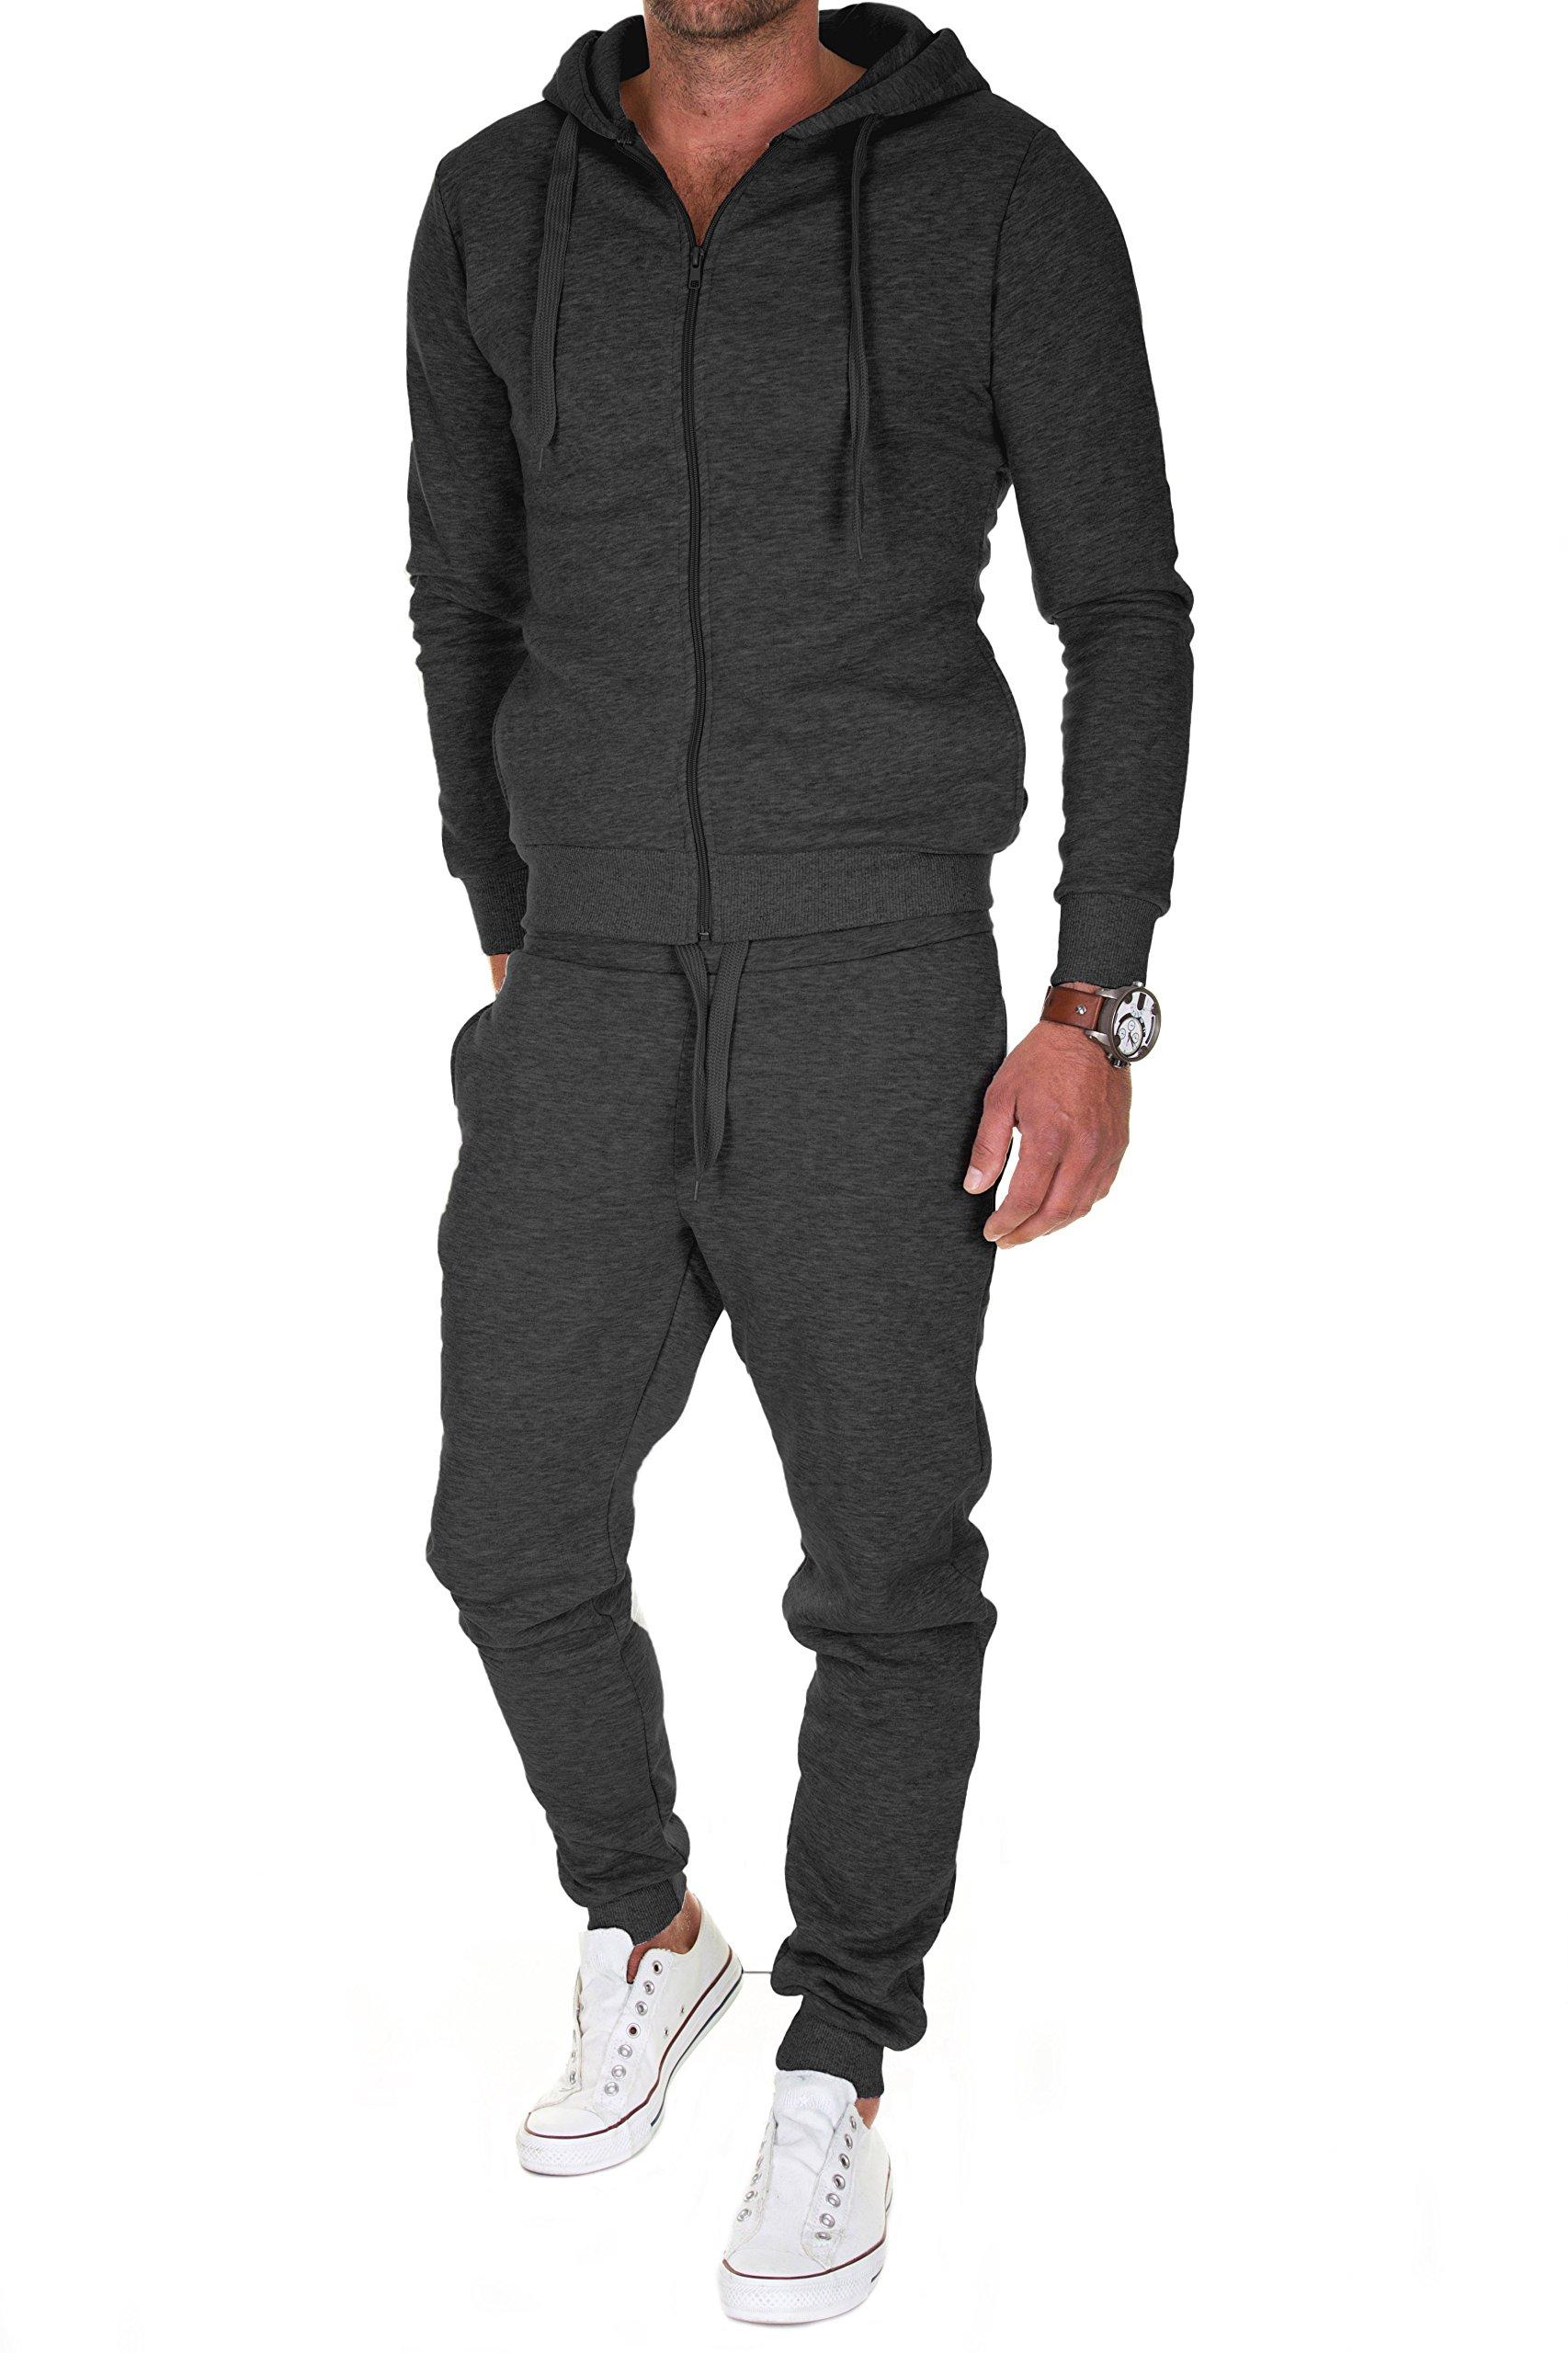 9957a87d60a6b Merish Homme Sweat à Capuche Hoddie Modern Manche Longue avec Zippé Slim Fit  08 product image